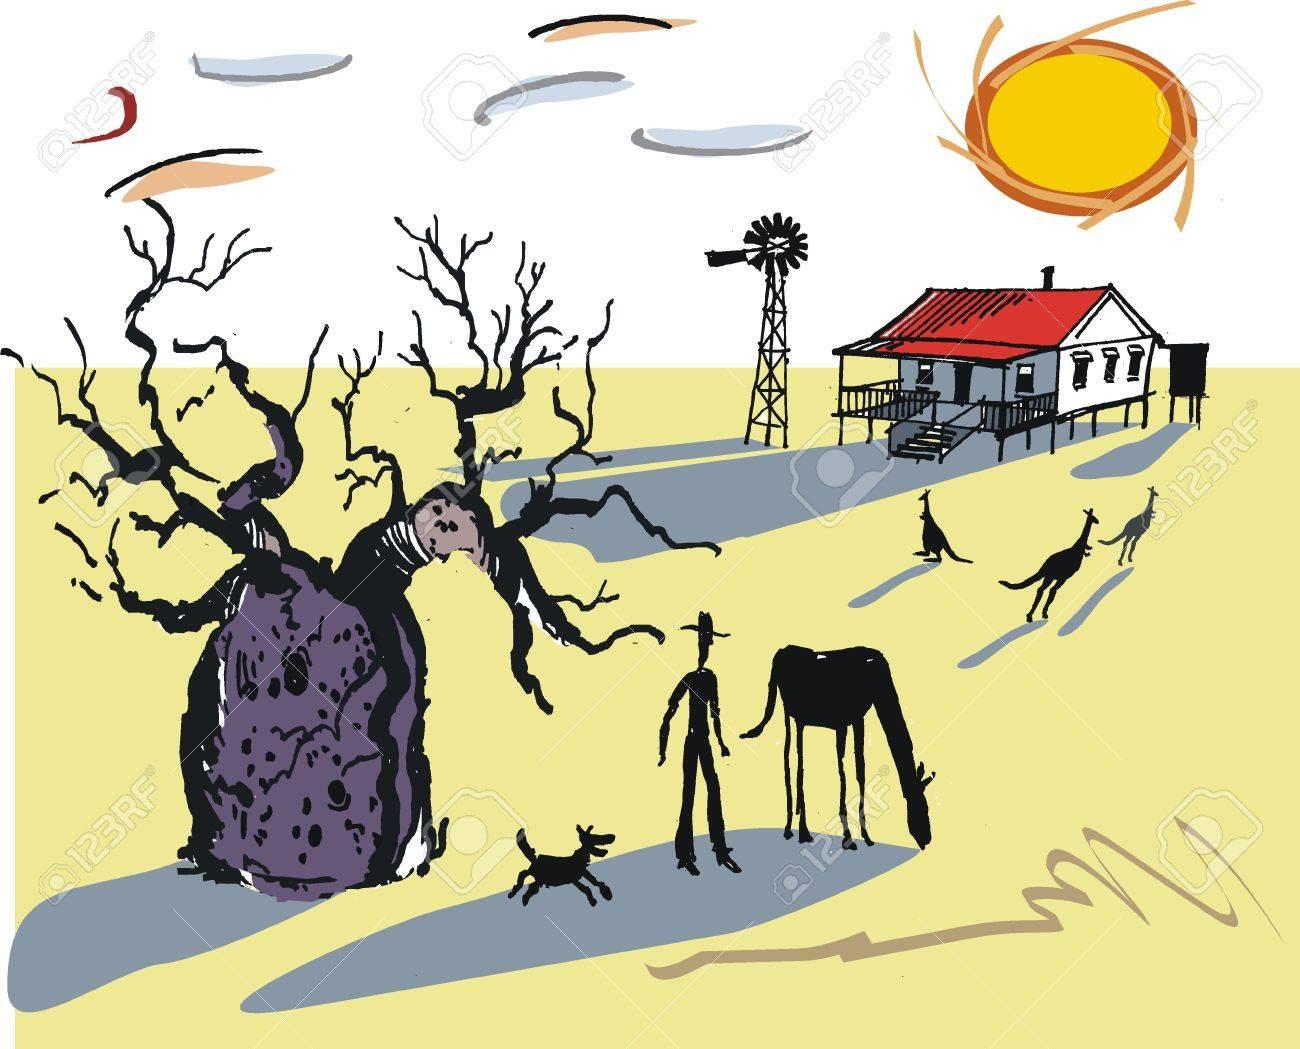 Australian outback illustration Stock Vector - 8560956